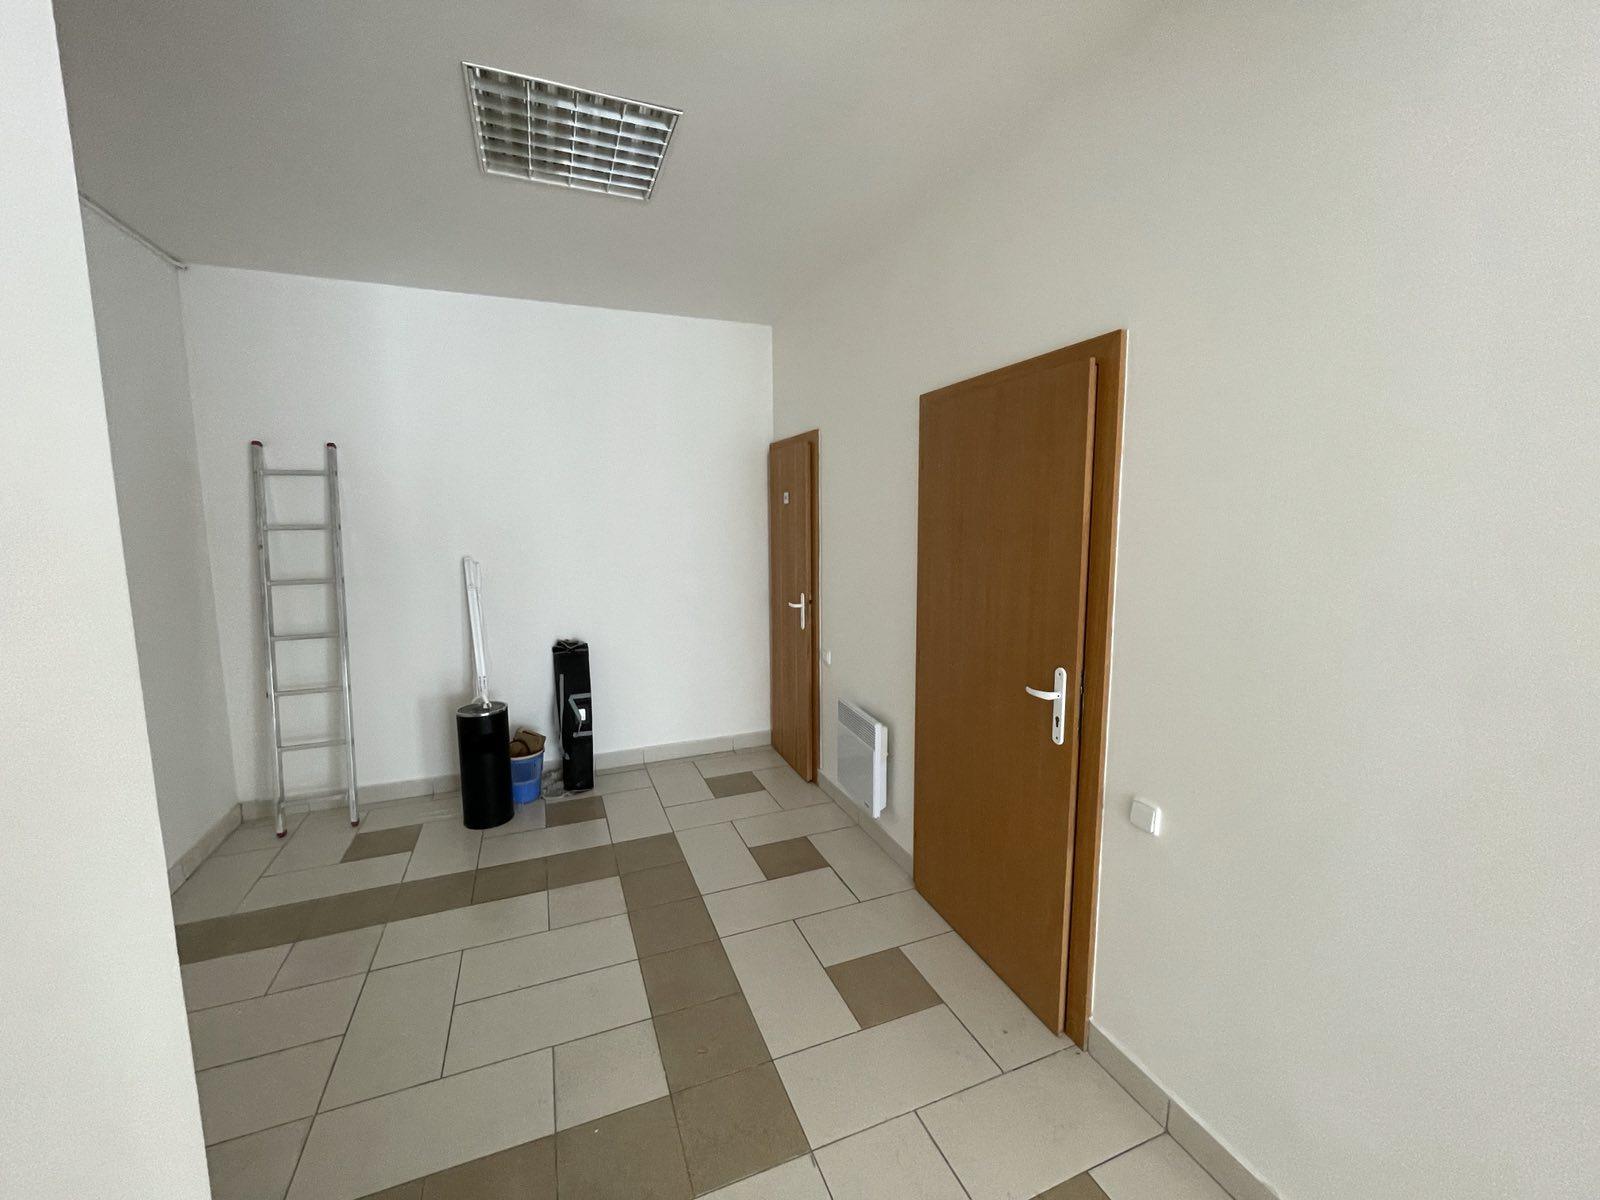 Nájom kancelárskych priestorov, centrum Trebišova